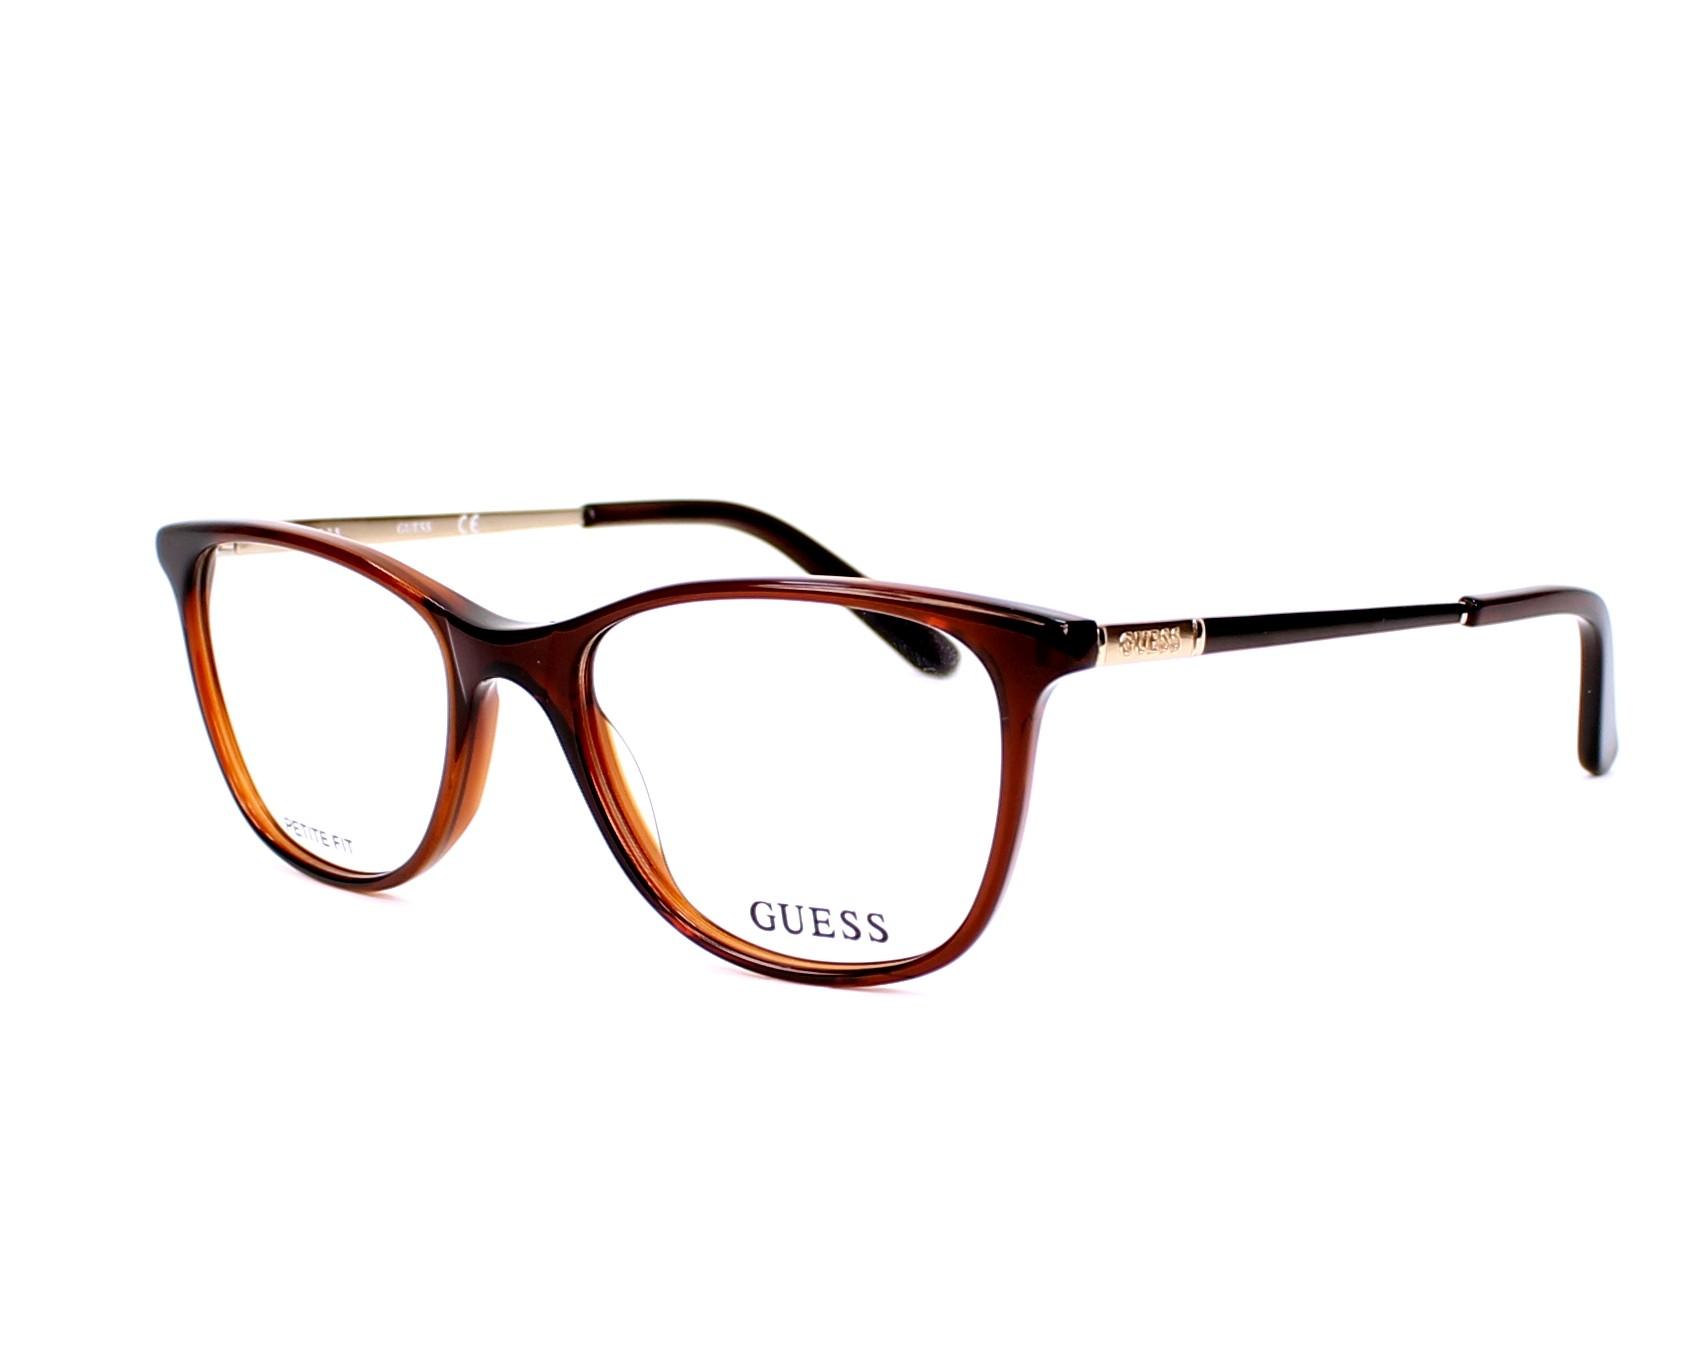 Compre su gafa Guess en línea (40-70% de descuento!) - Visionet